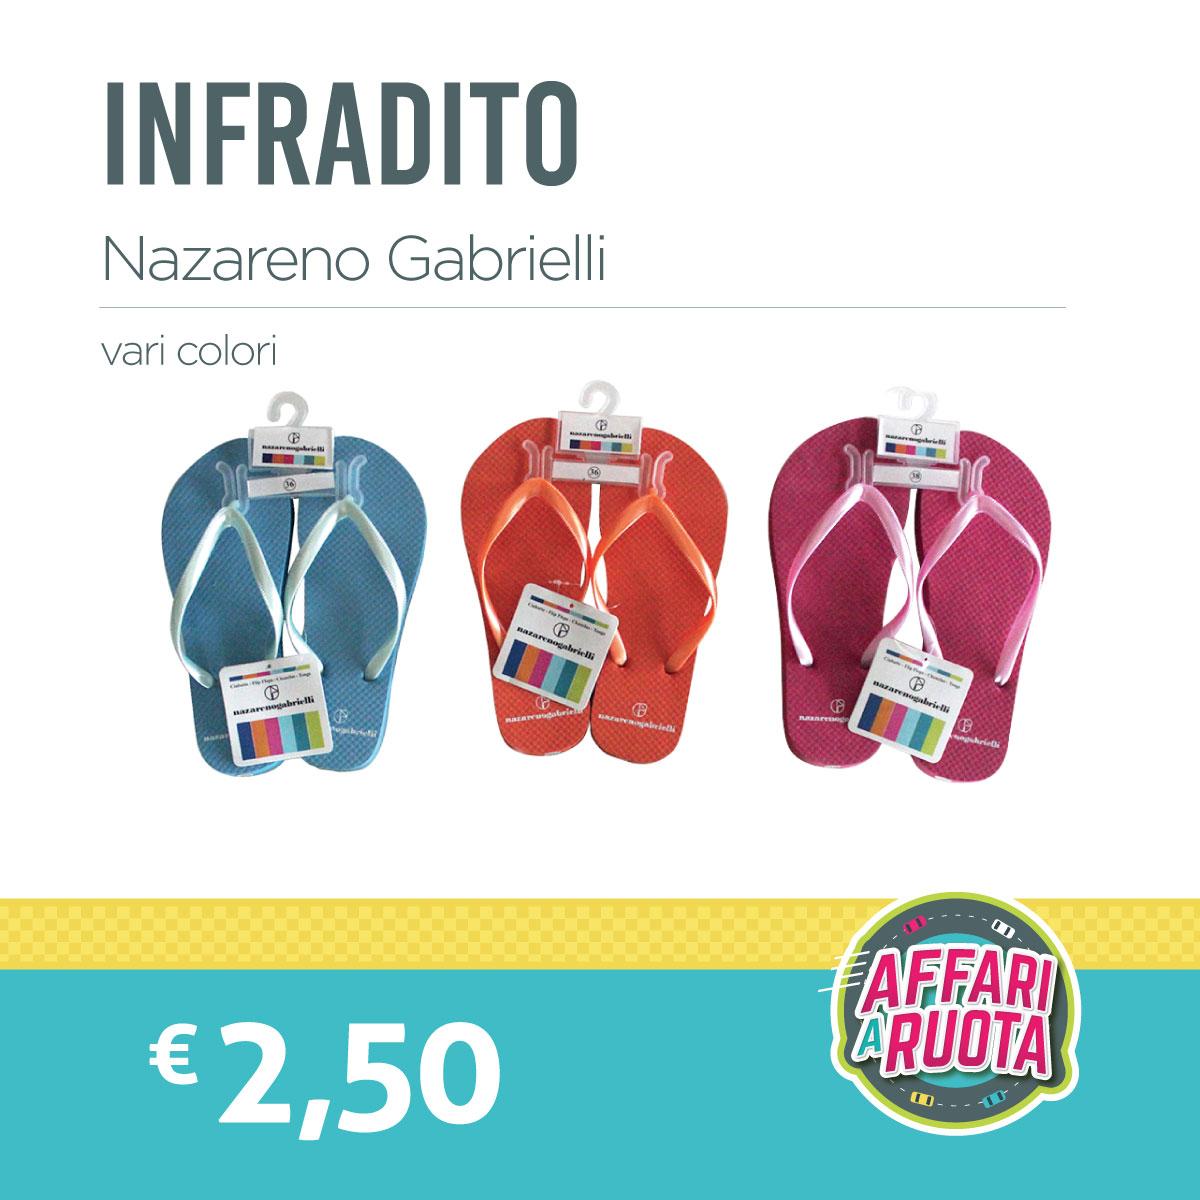 Infradito Nazareno Gabrielli